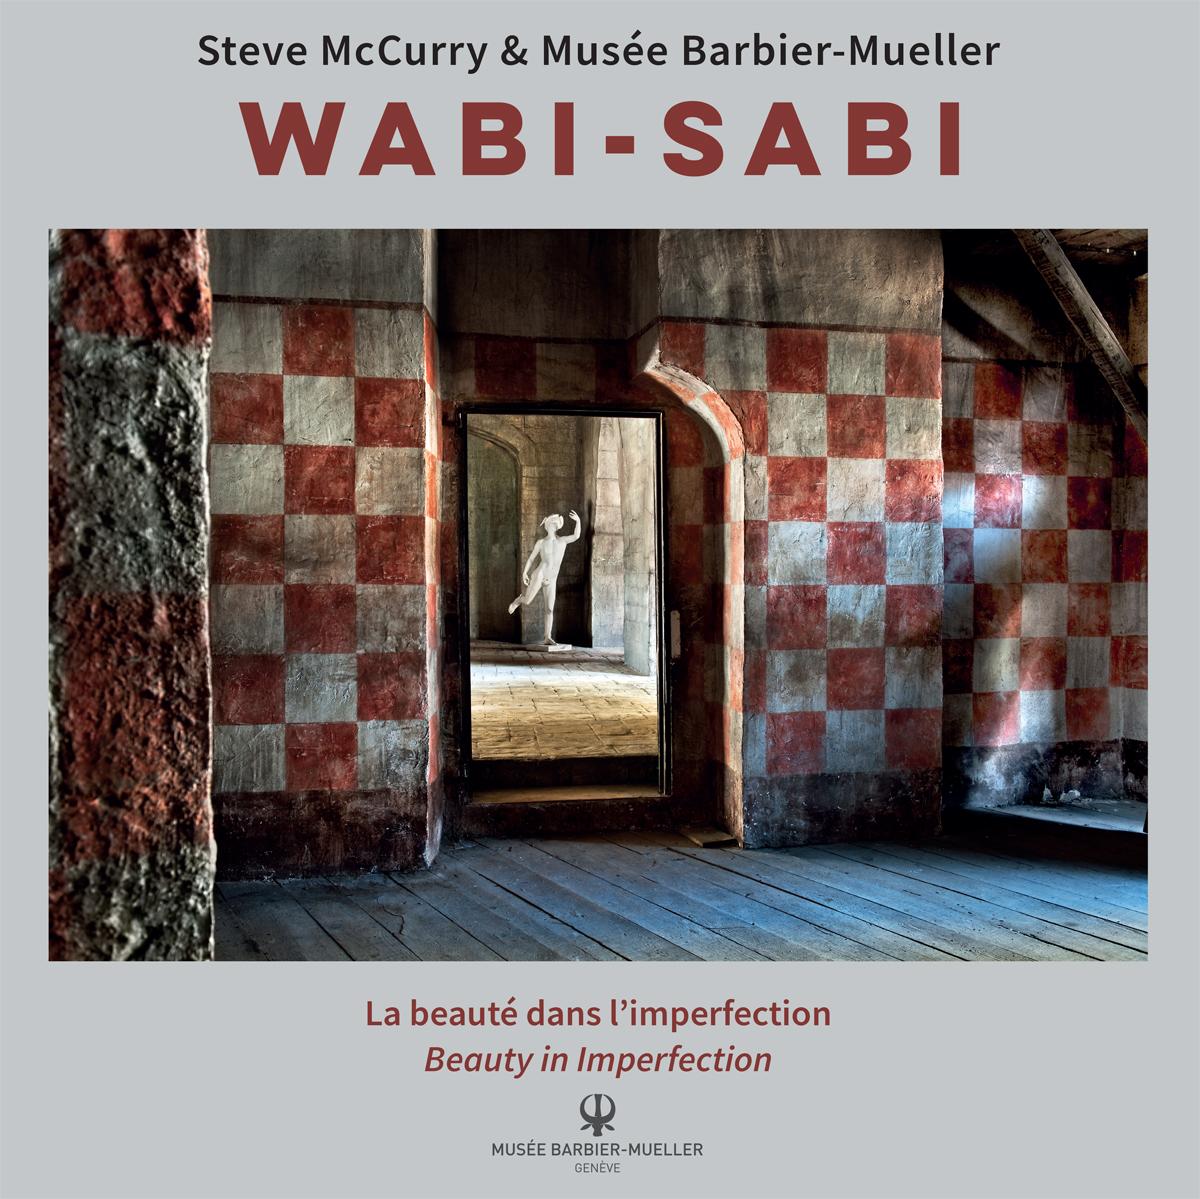 Steve McCurry & Musée Barbier-Mueller Wabi-sabi, la beauté dans l'imperfection